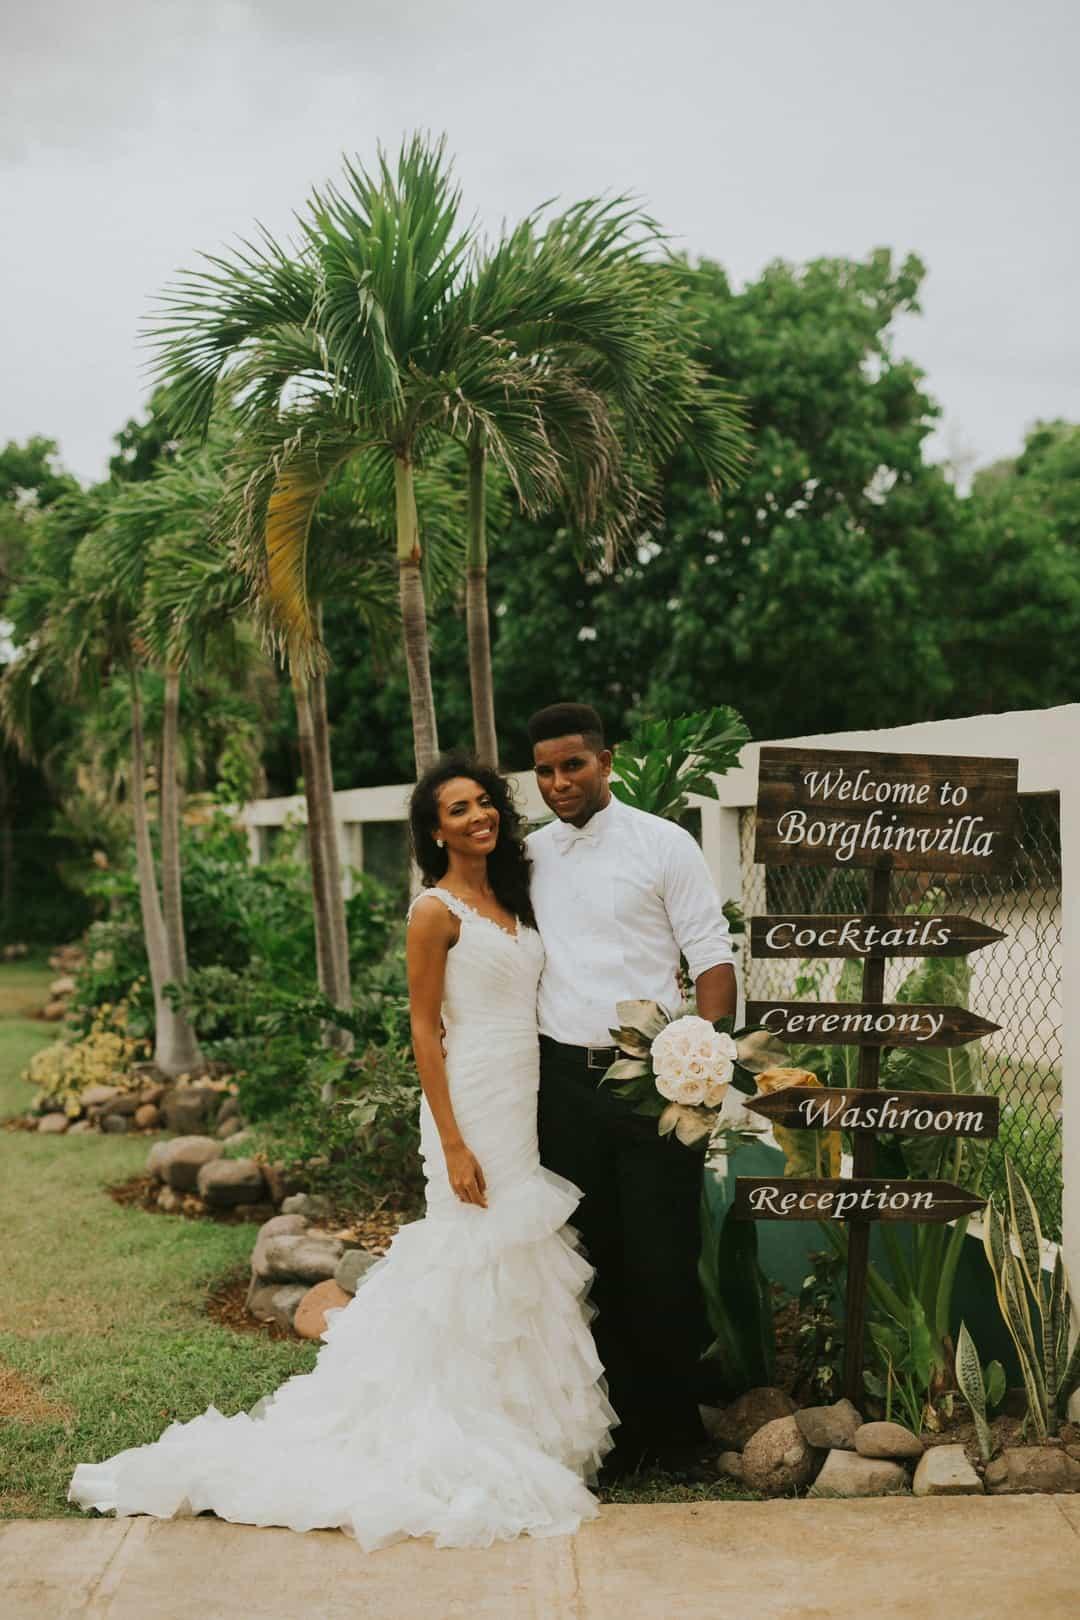 Interracial dating i Jamaica